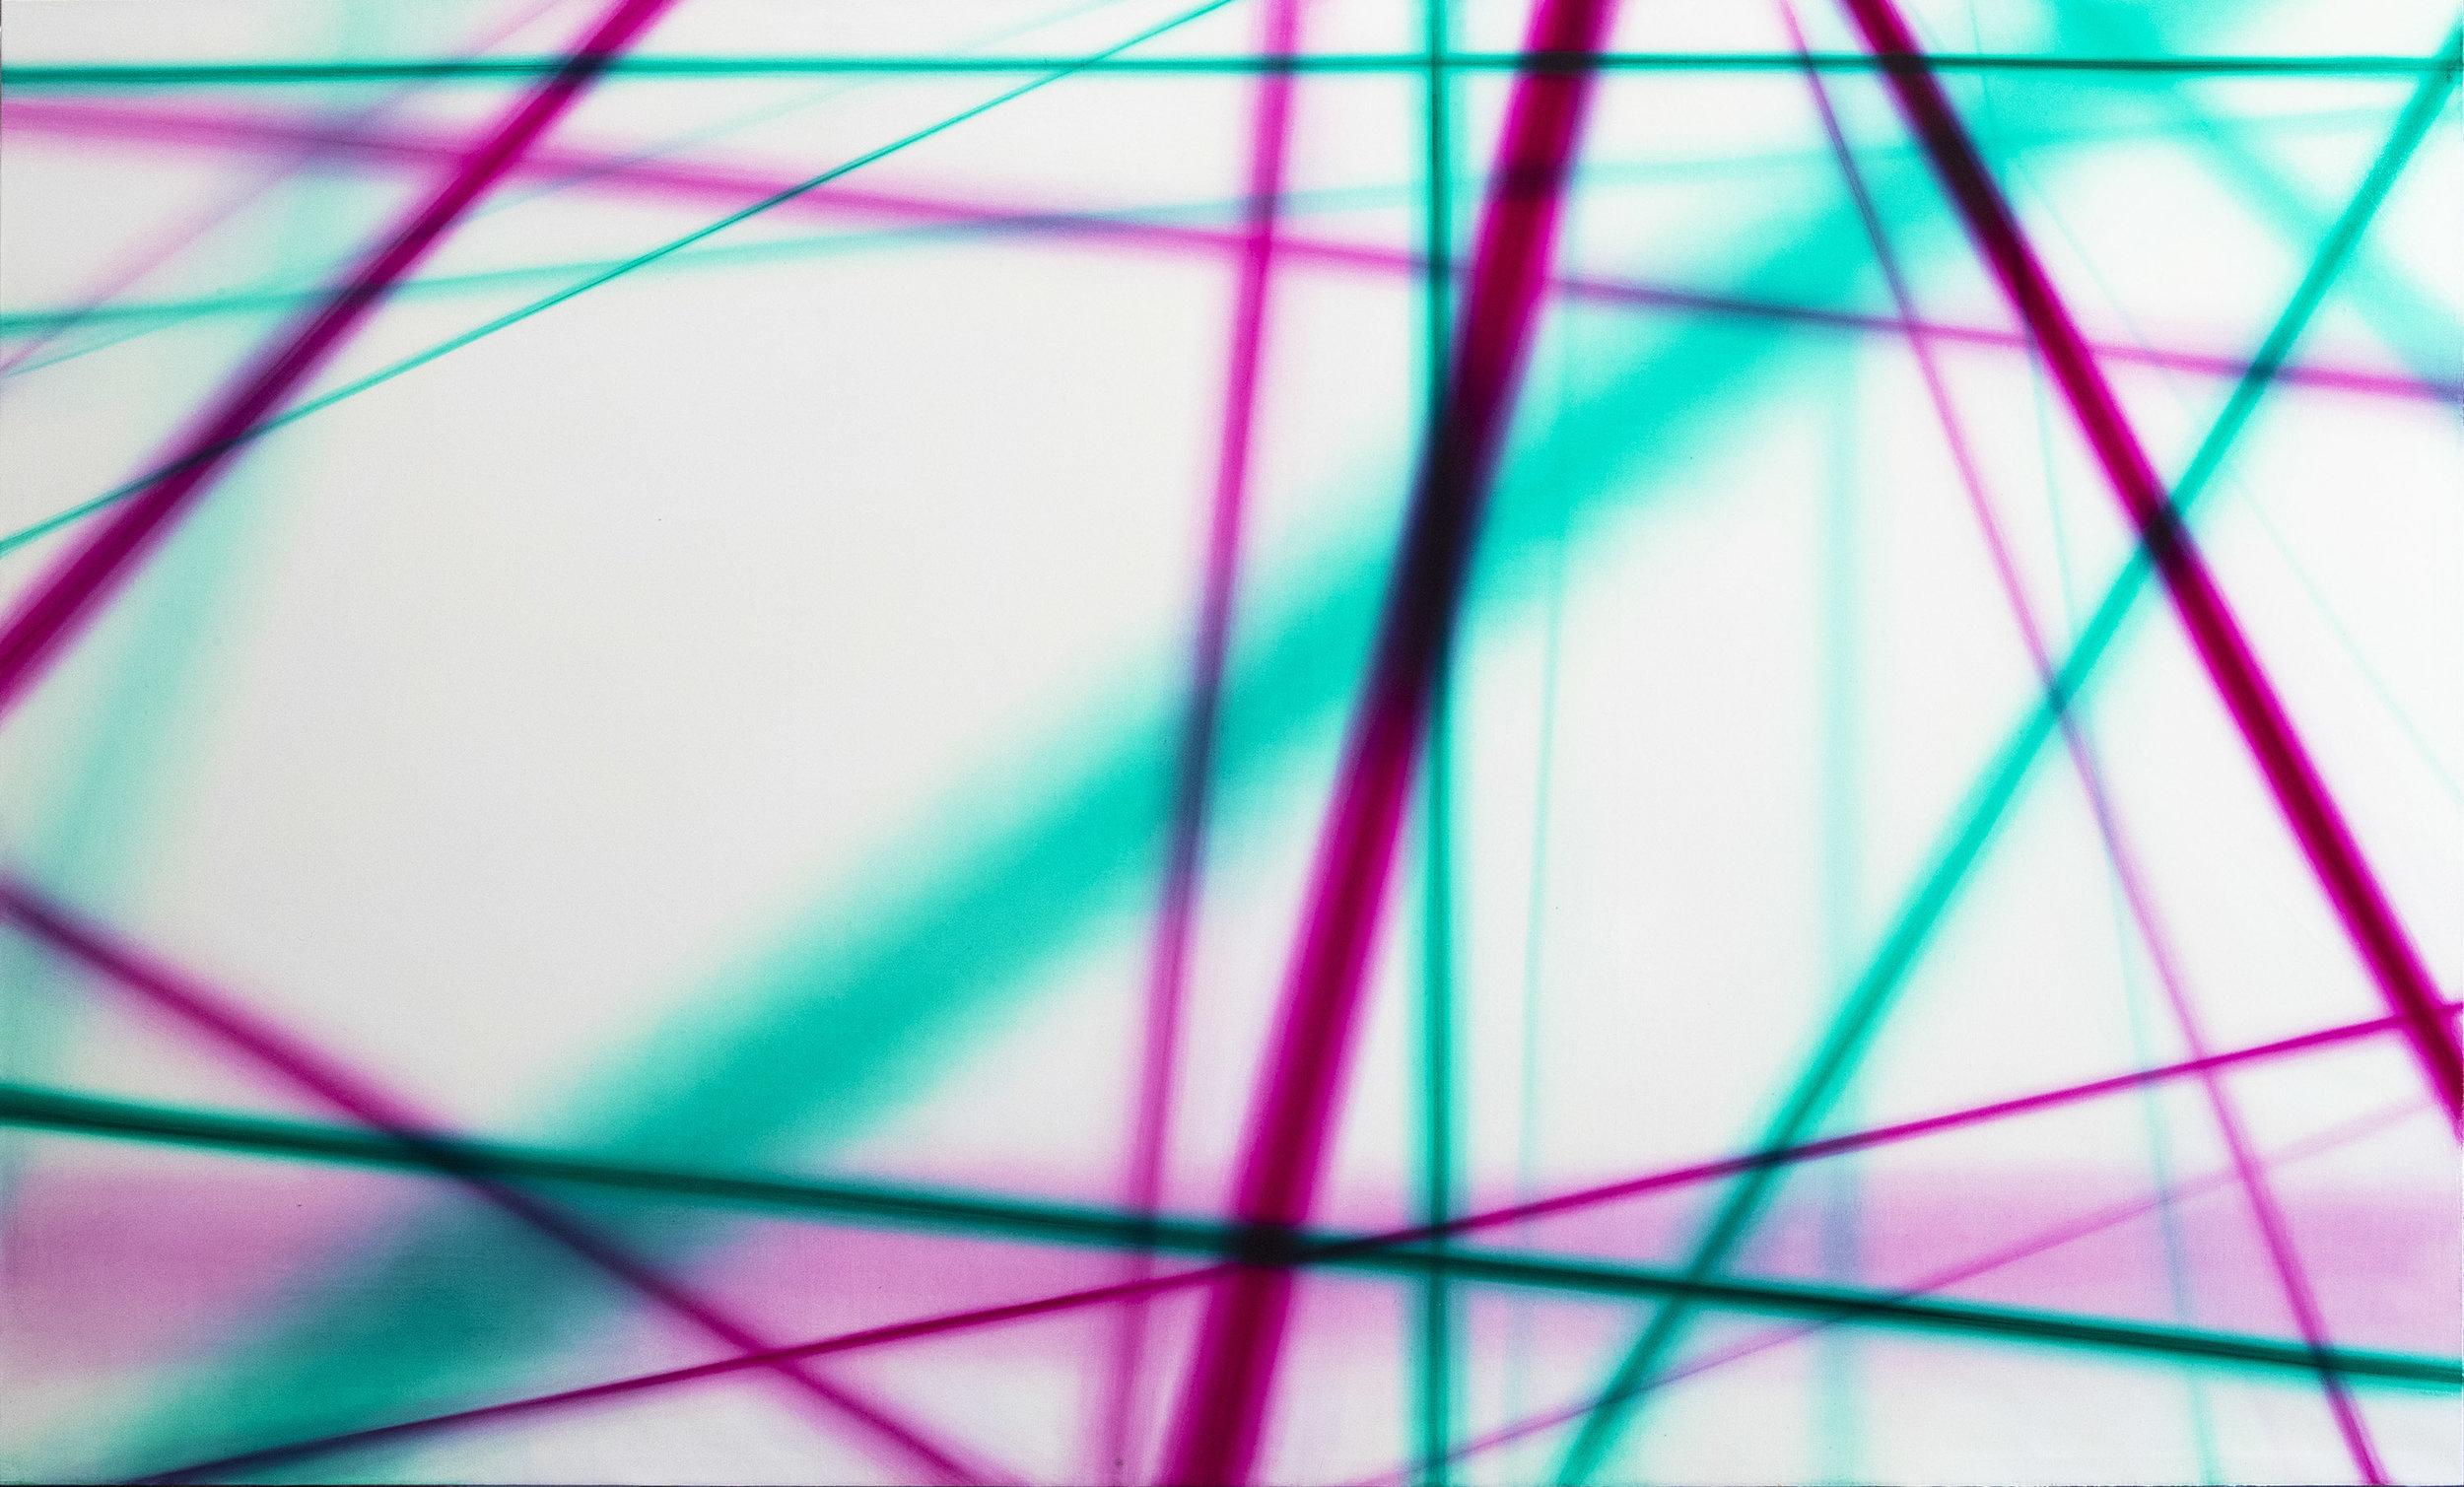 光線1號 Light beam 1  158 x 260 cm 油彩畫布 Oil on Canvas 2017